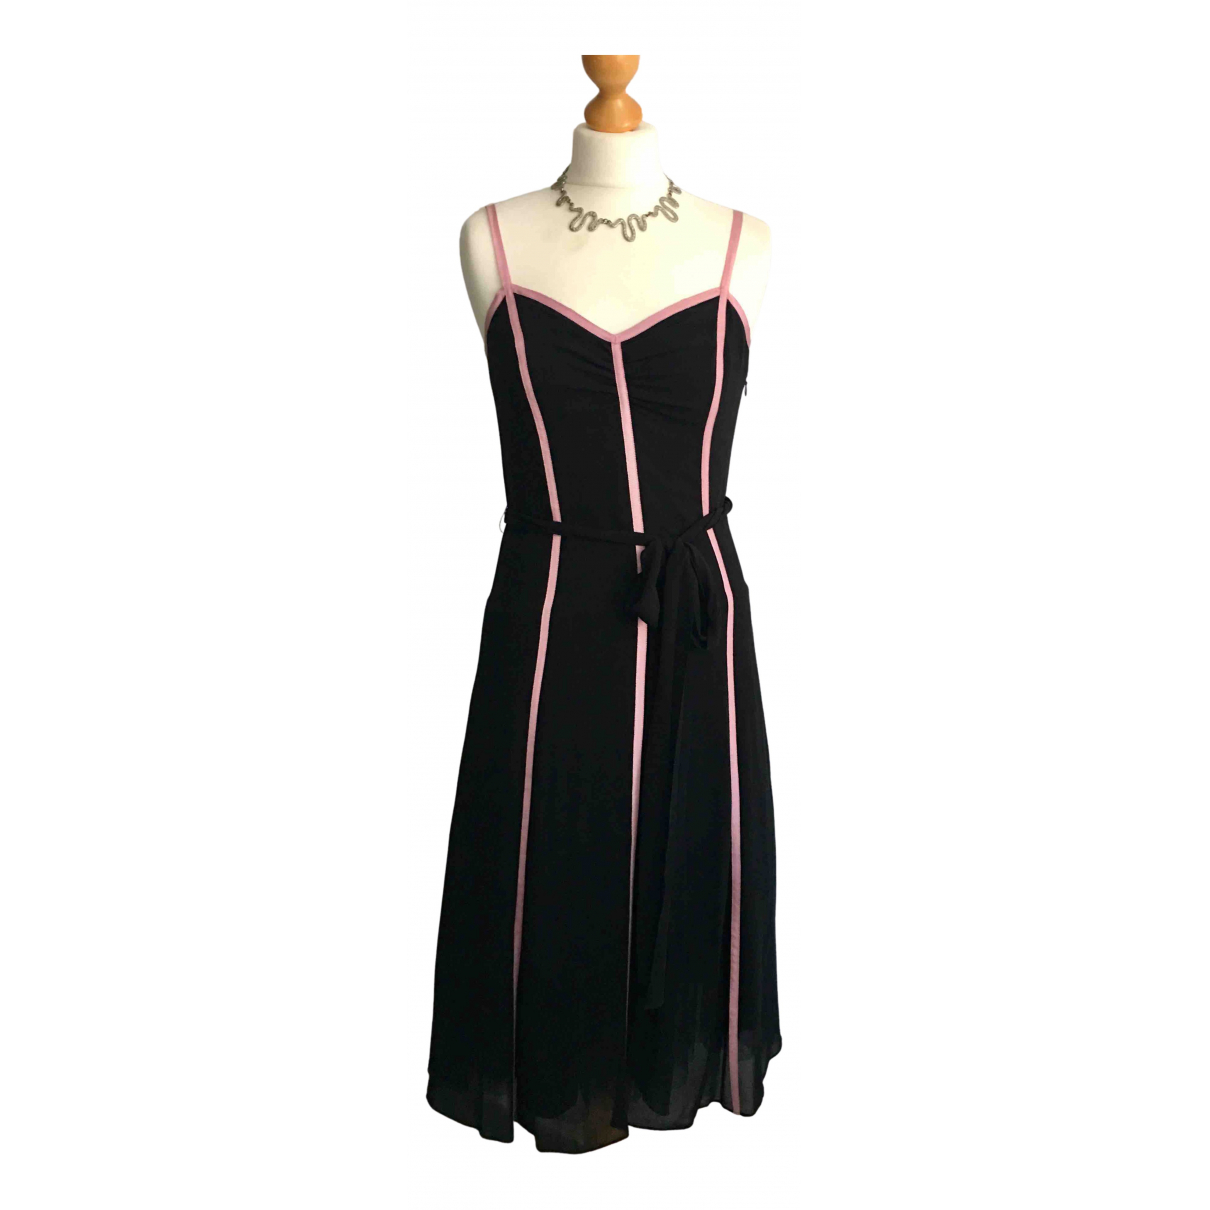 Lk Bennett - Robe   pour femme en soie - noir